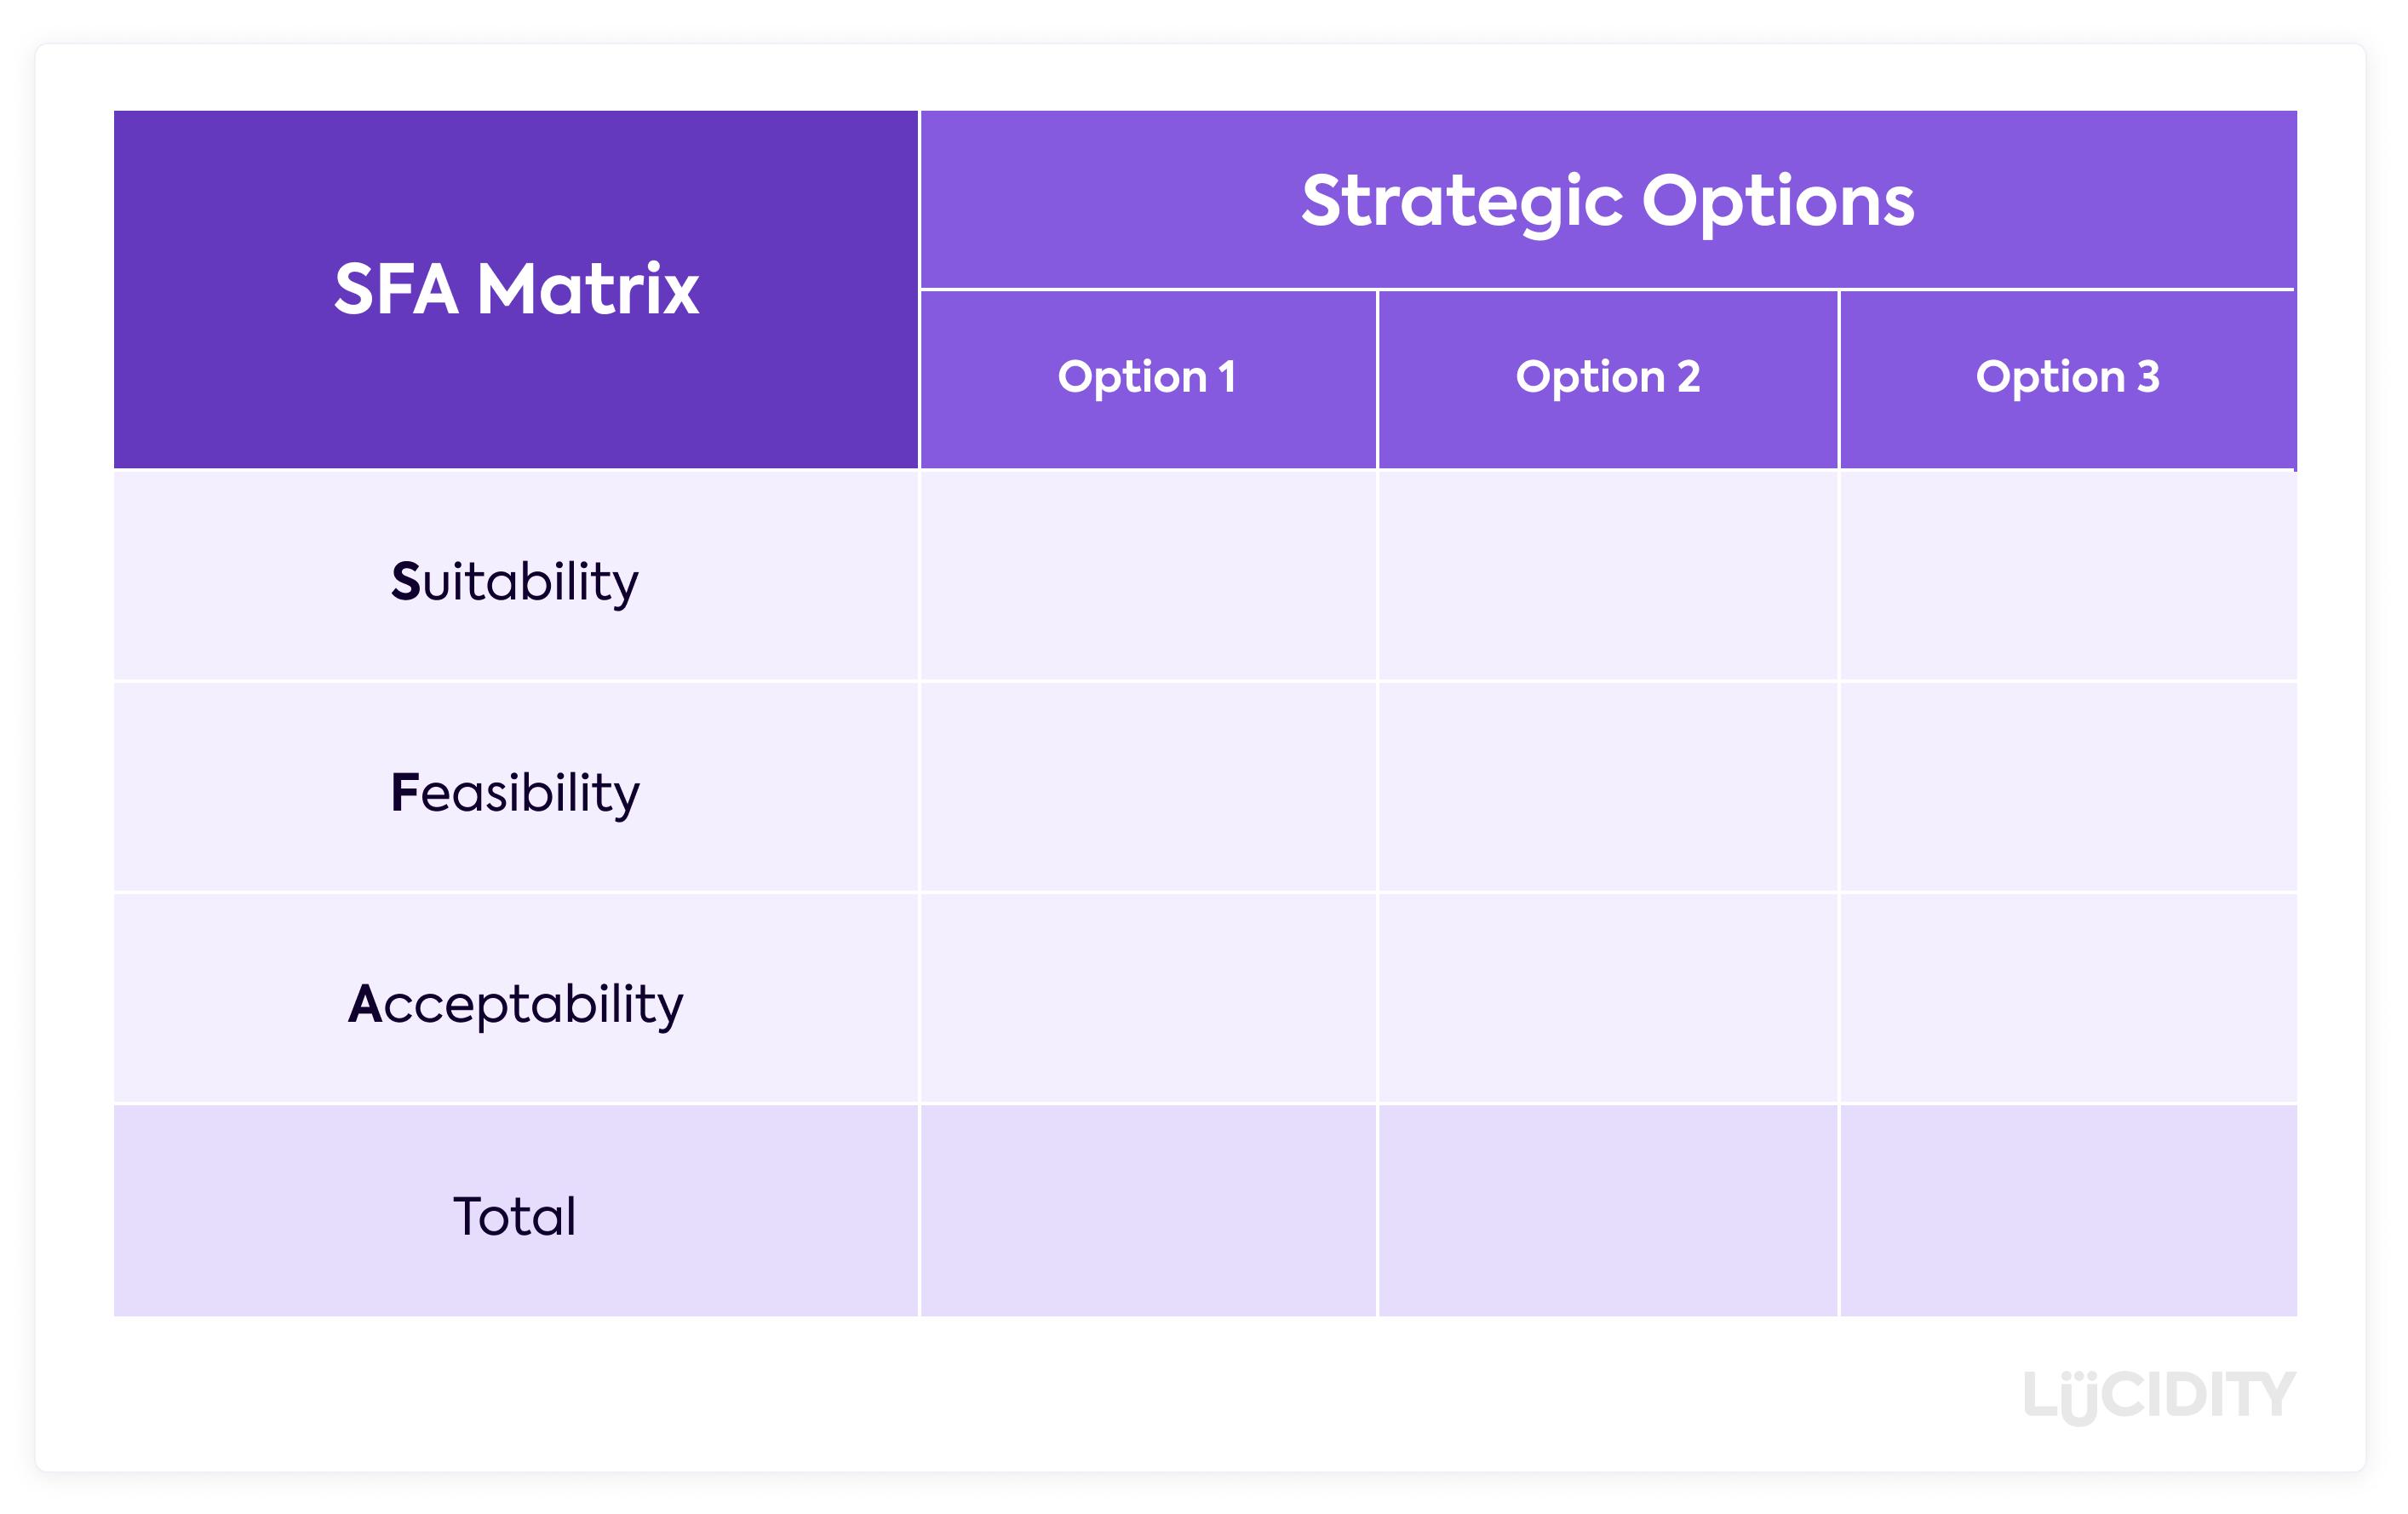 SFA Matrix